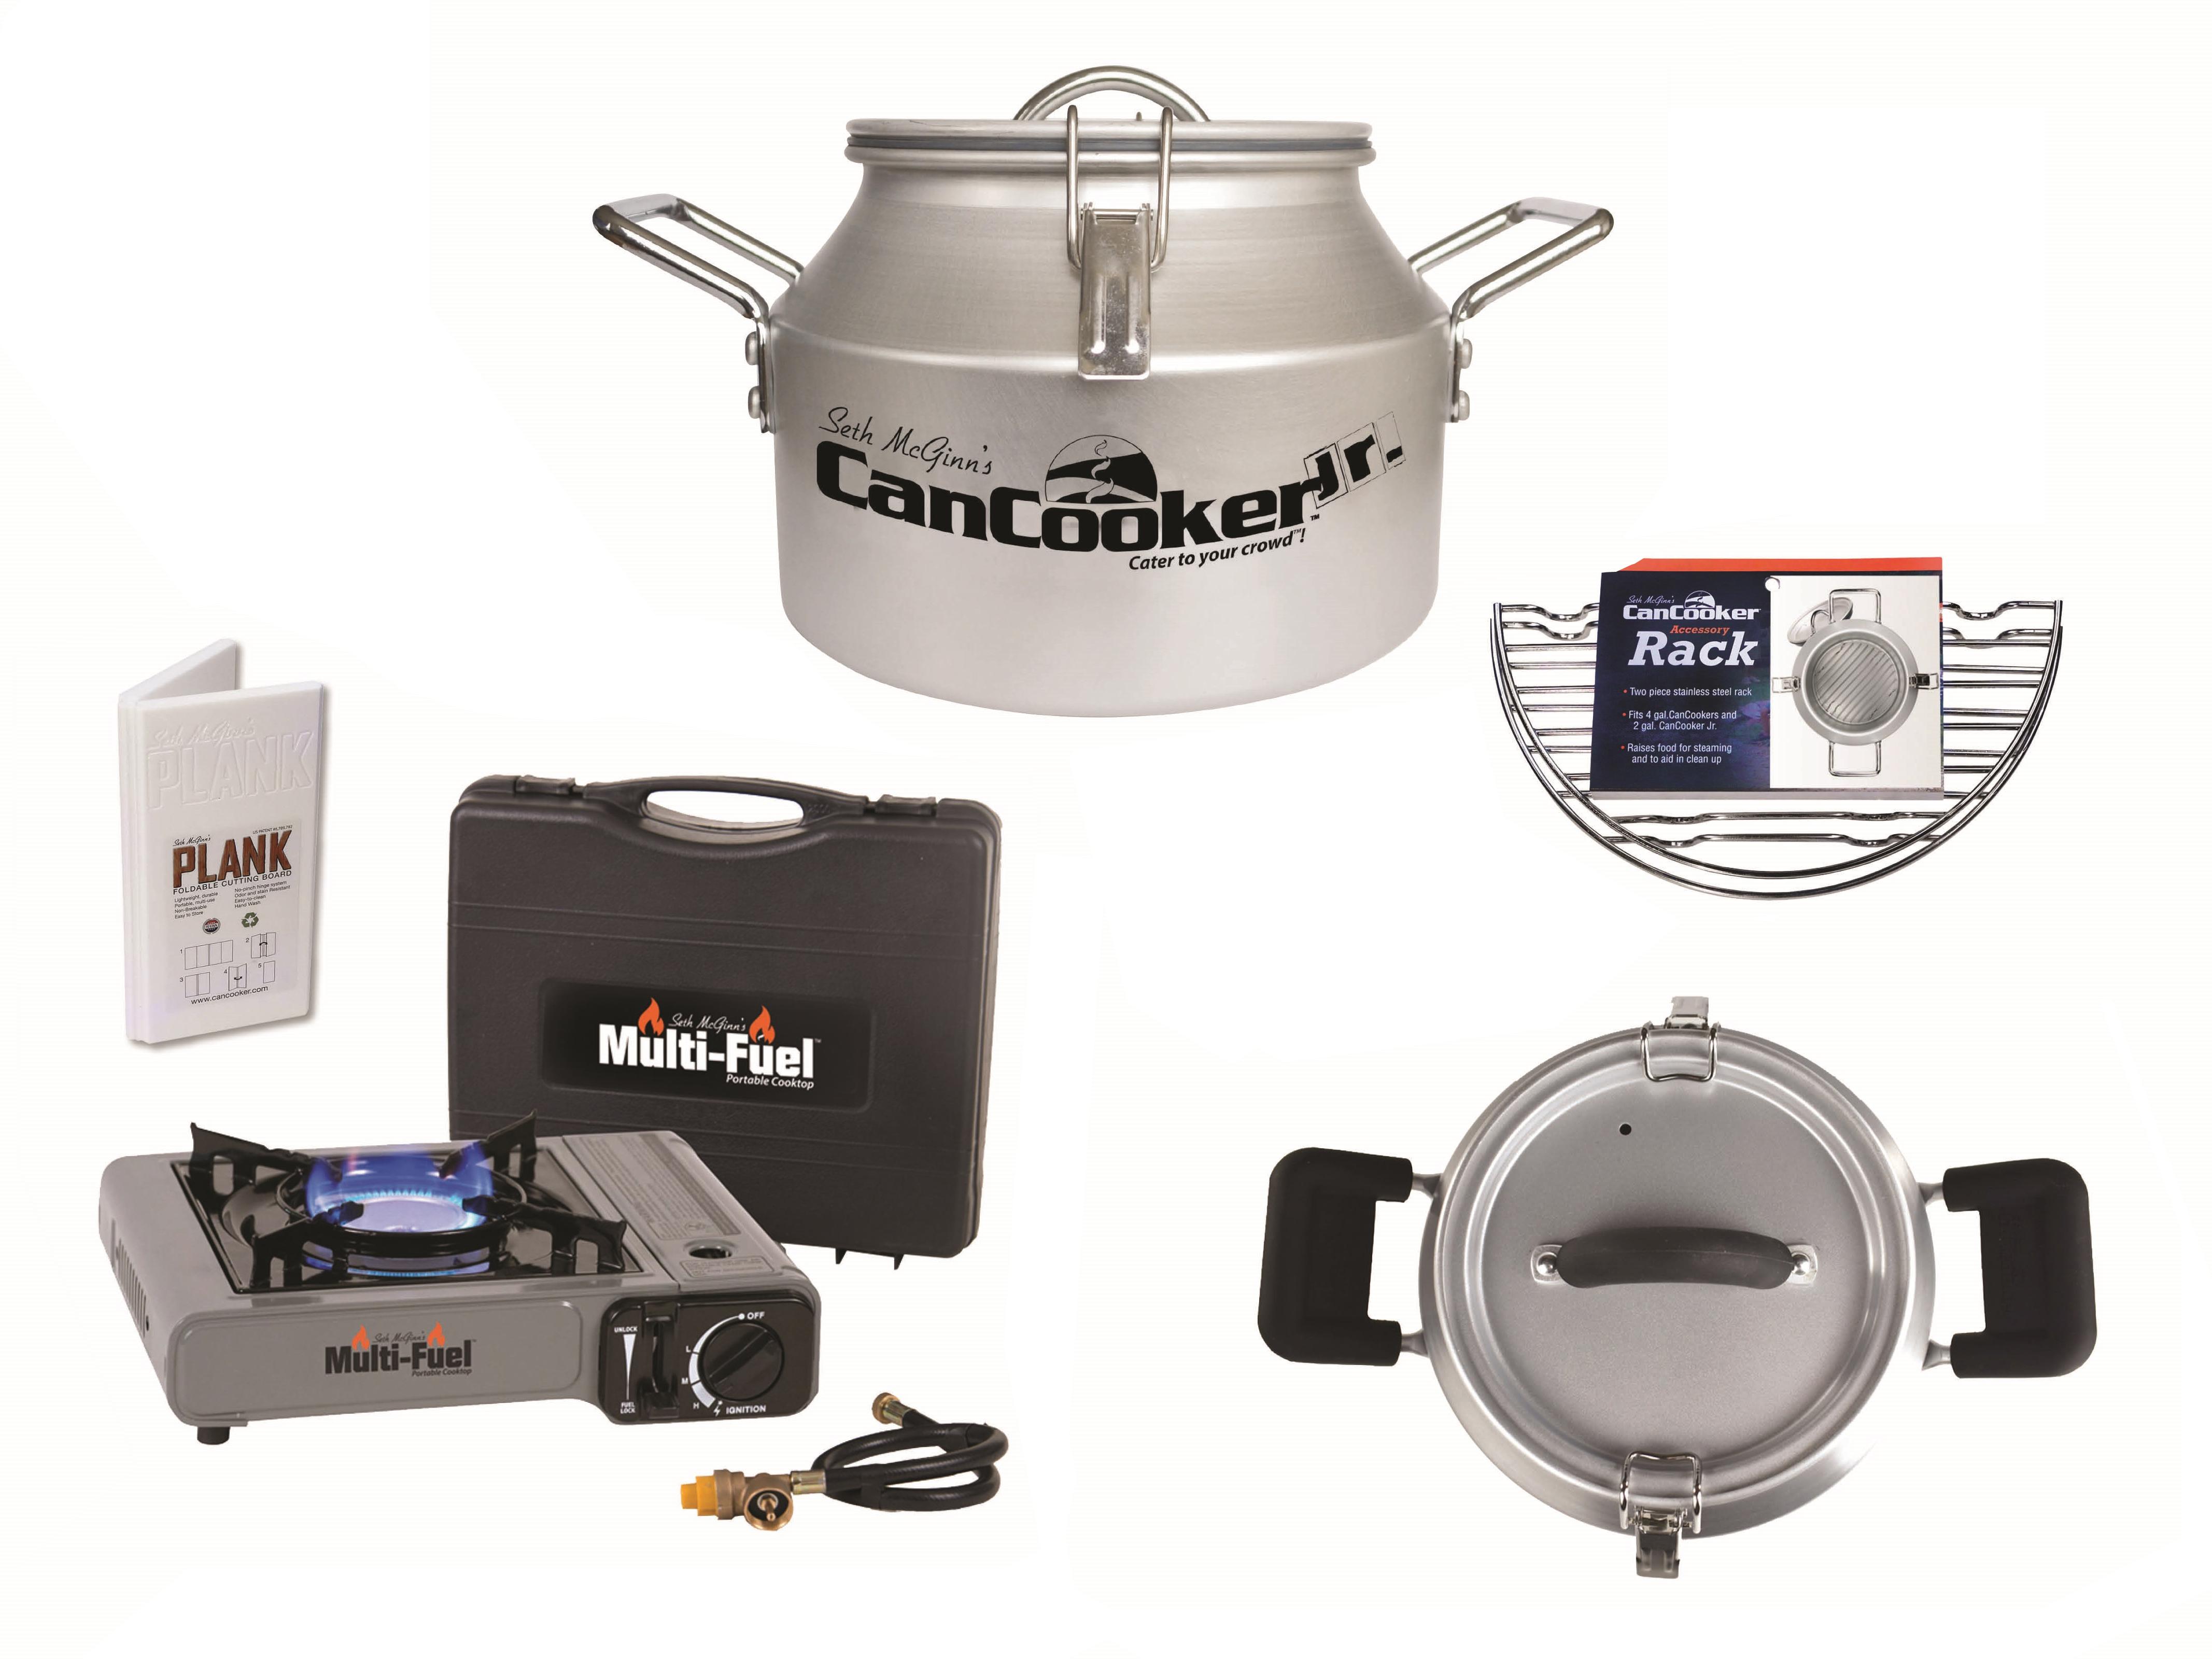 CanCooker Outdoorsman Kit